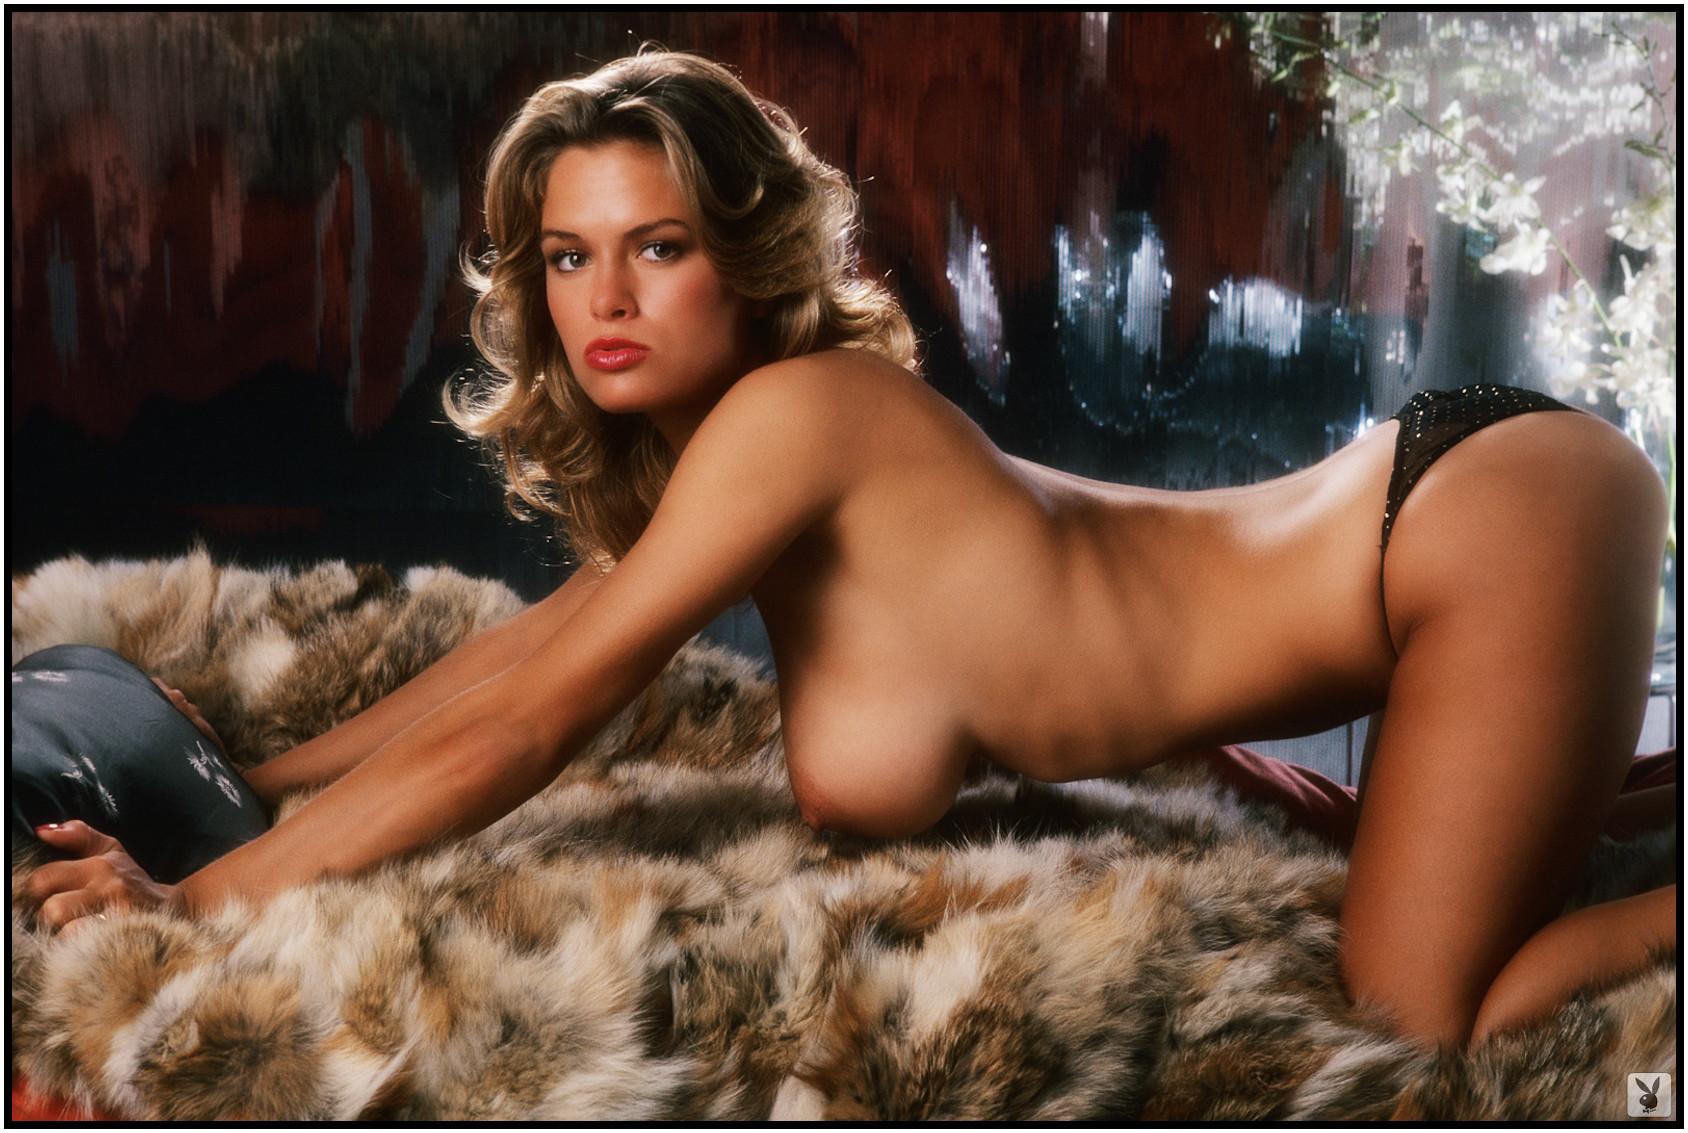 gig gangel playmates nude Playboy